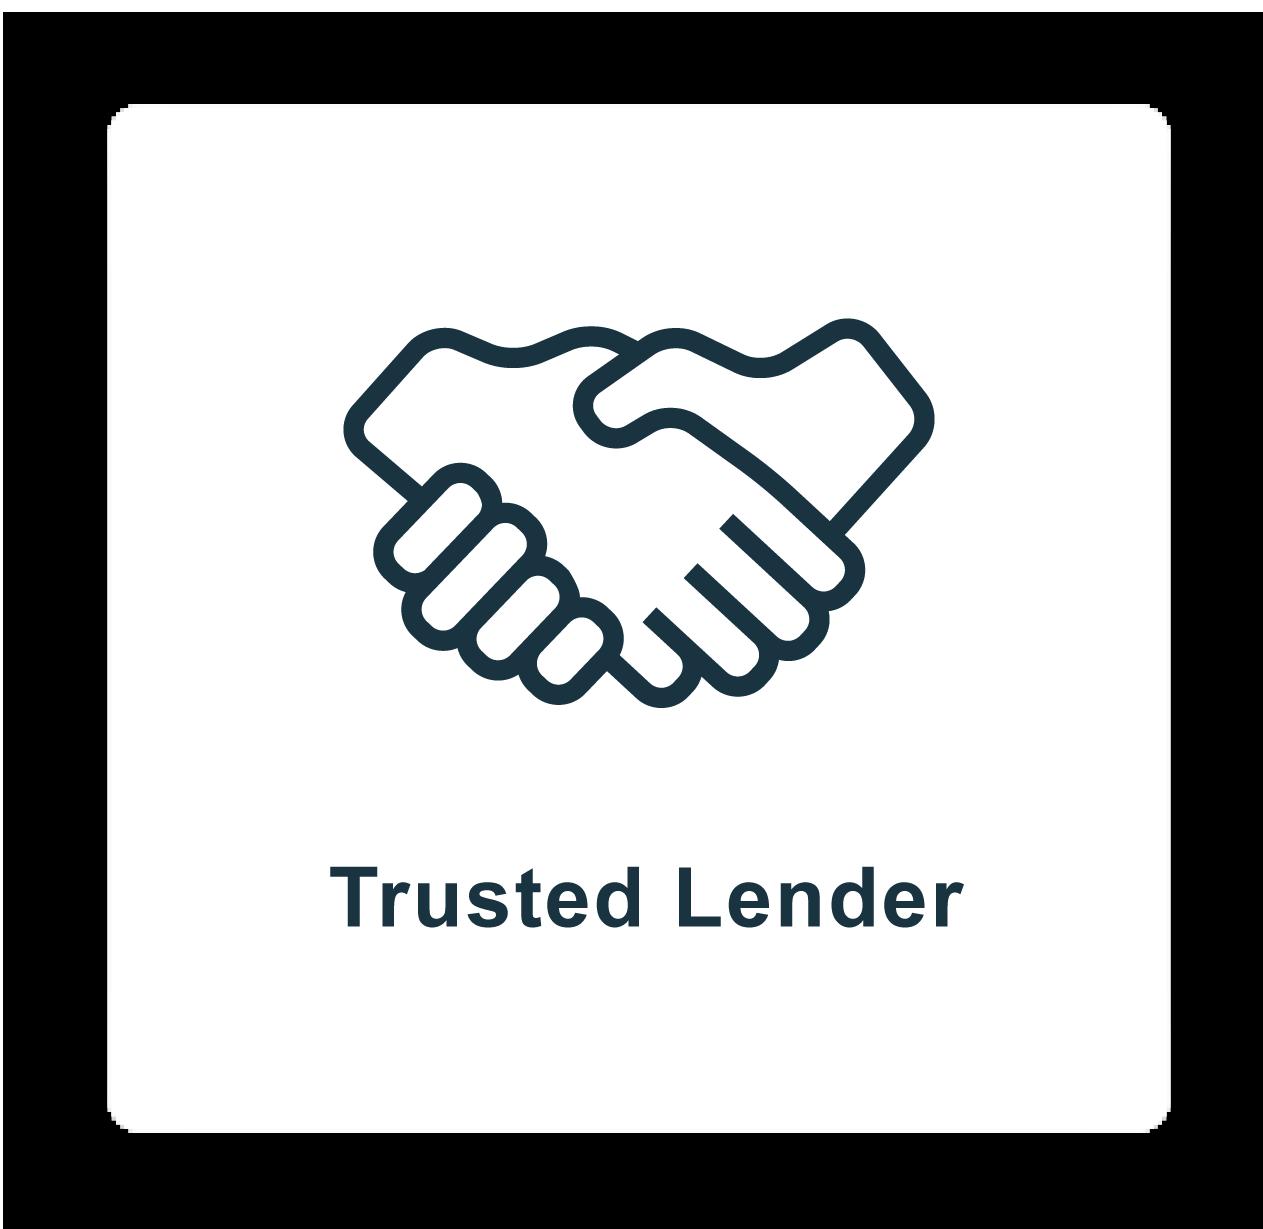 West Side Lending Trust Lender